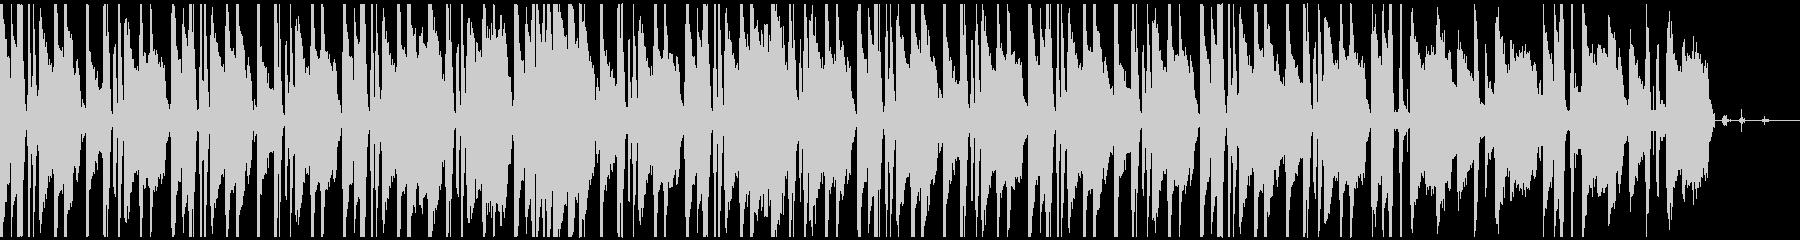 オシャレなローファイサウンドの未再生の波形